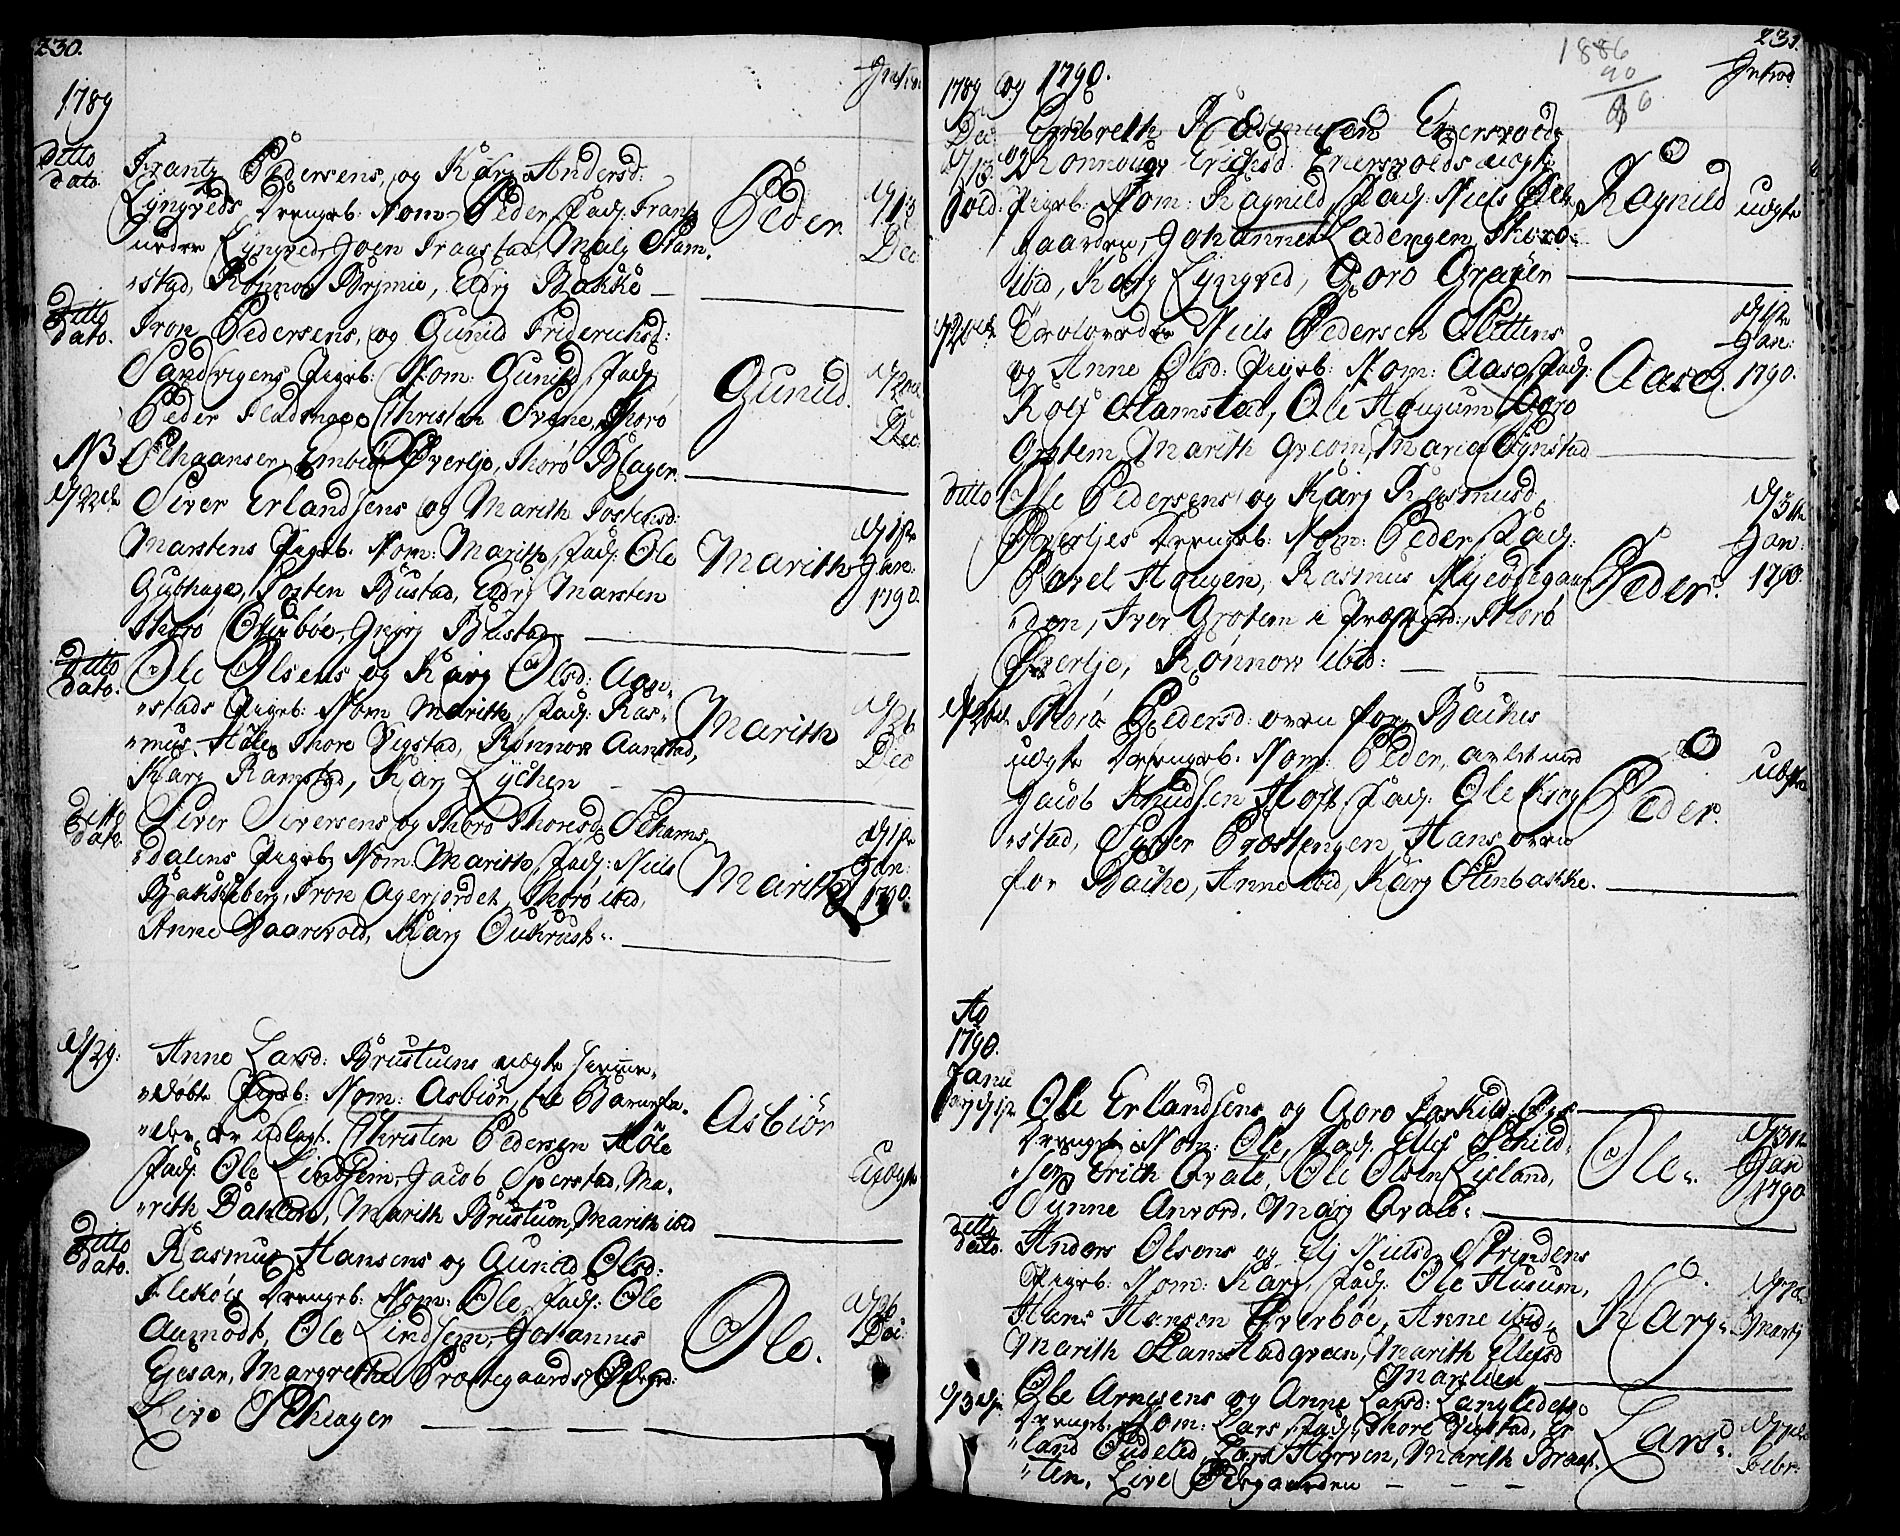 SAH, Lom prestekontor, K/L0002: Ministerialbok nr. 2, 1749-1801, s. 230-231